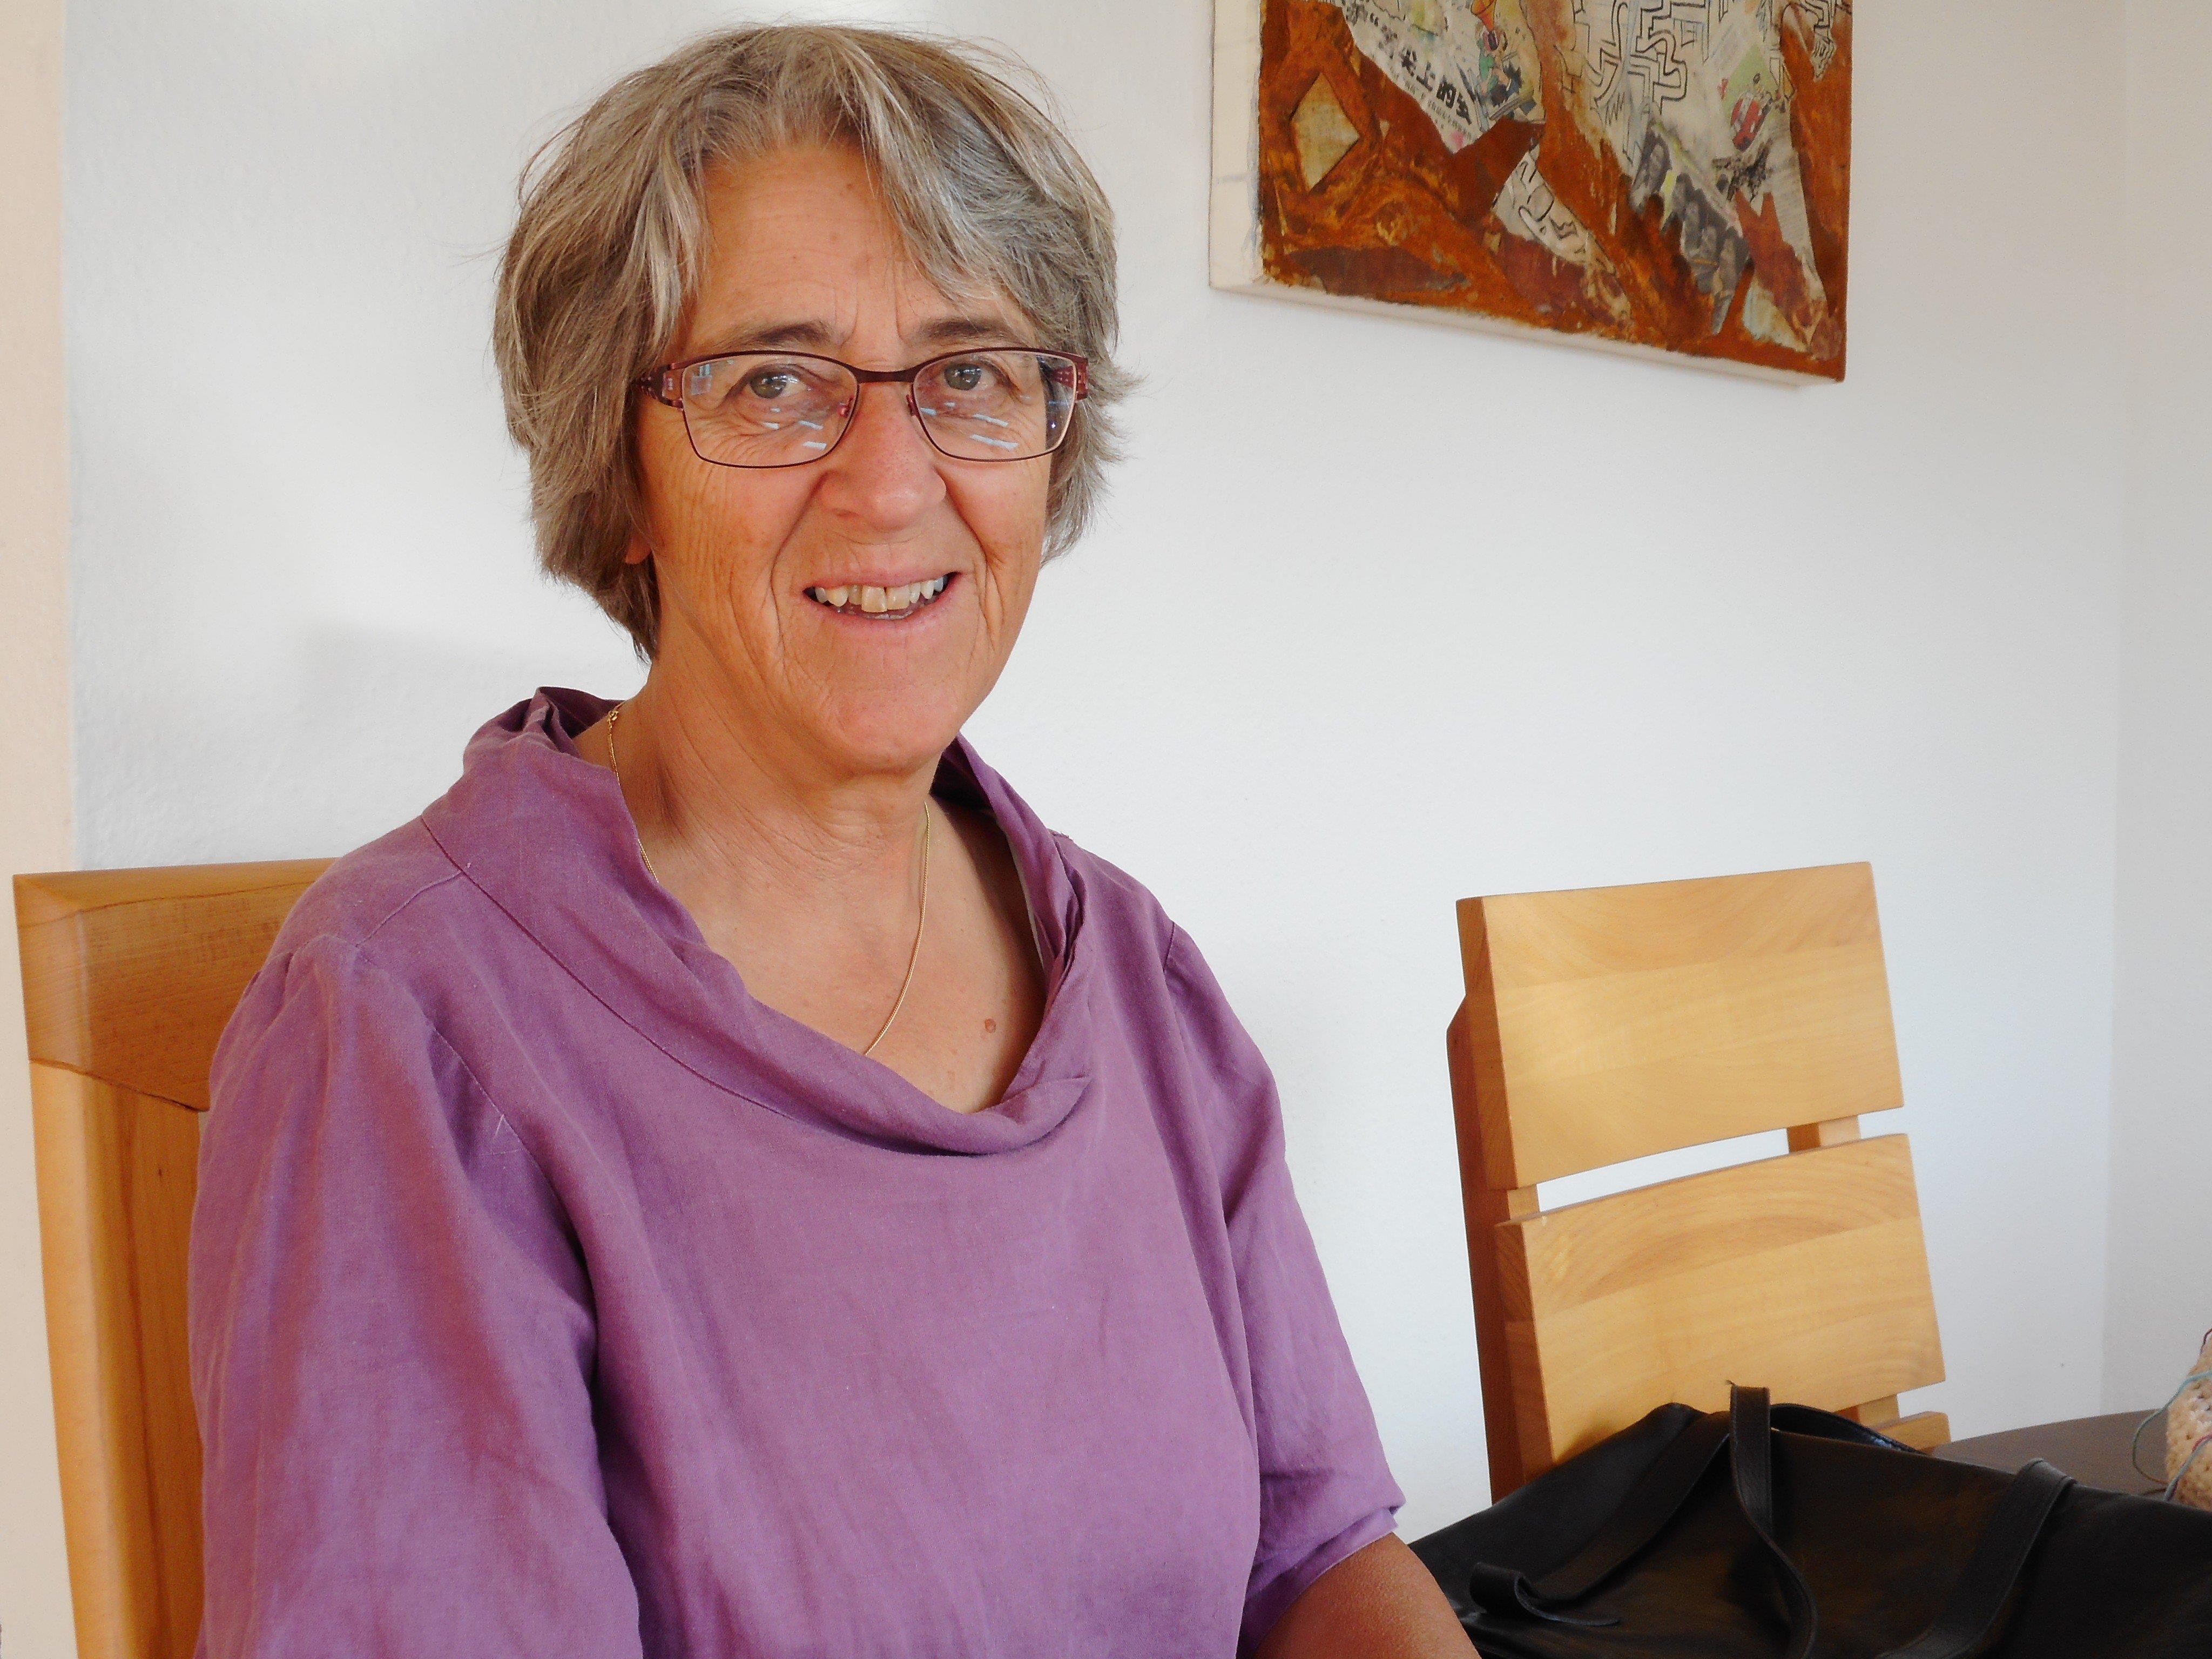 Barbara Kofler ist ehrenamtlich in der Flüchtlingsarbeit tätig.